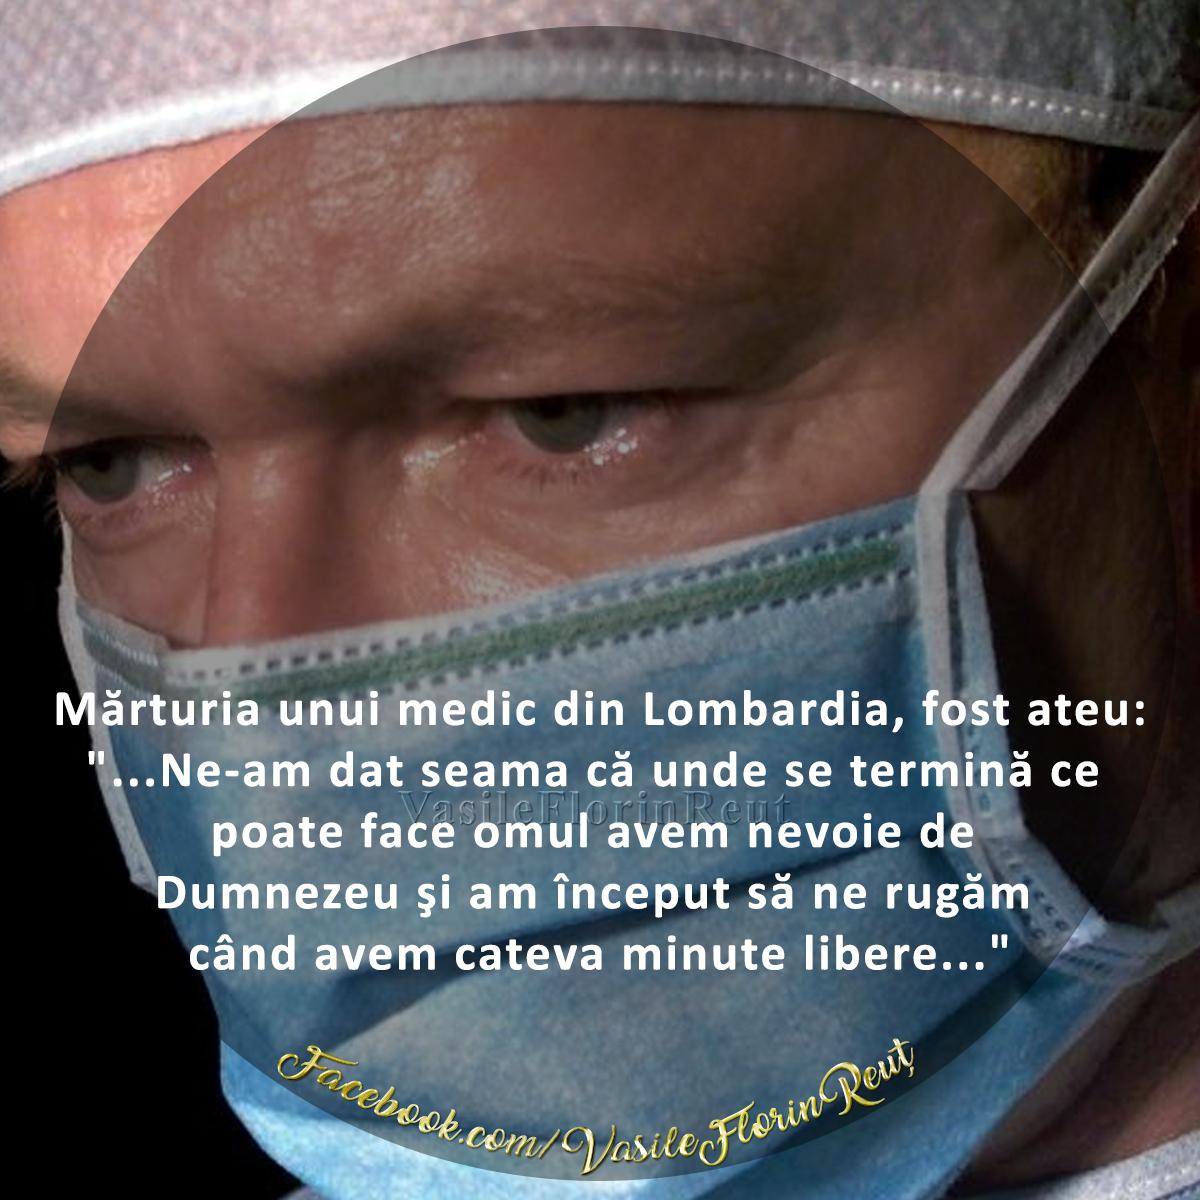 Mărturia cutremurătoare unui medic din Lombardia, fost ateu